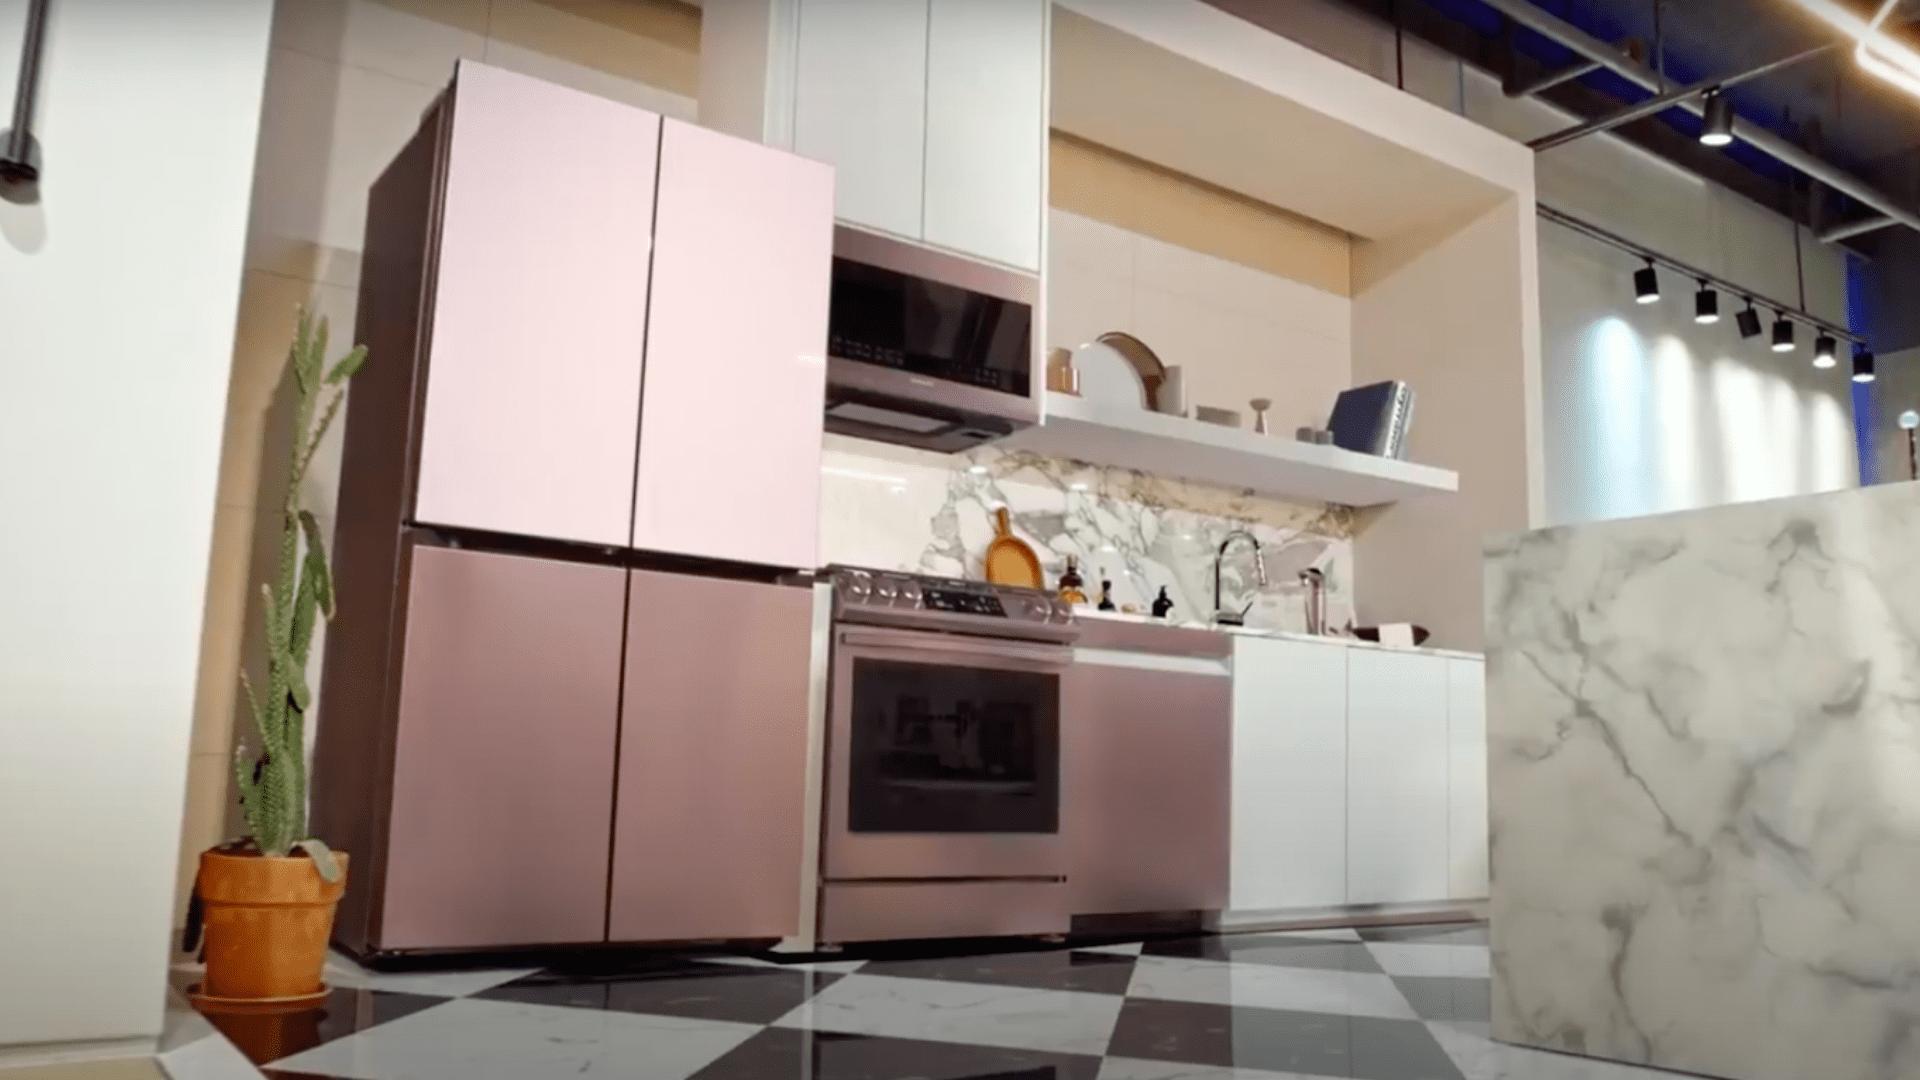 Confira o lançamento da Samsung com a linha Bespoke Home (Imagem: Divulgação/Samsung Evento Bespoke)